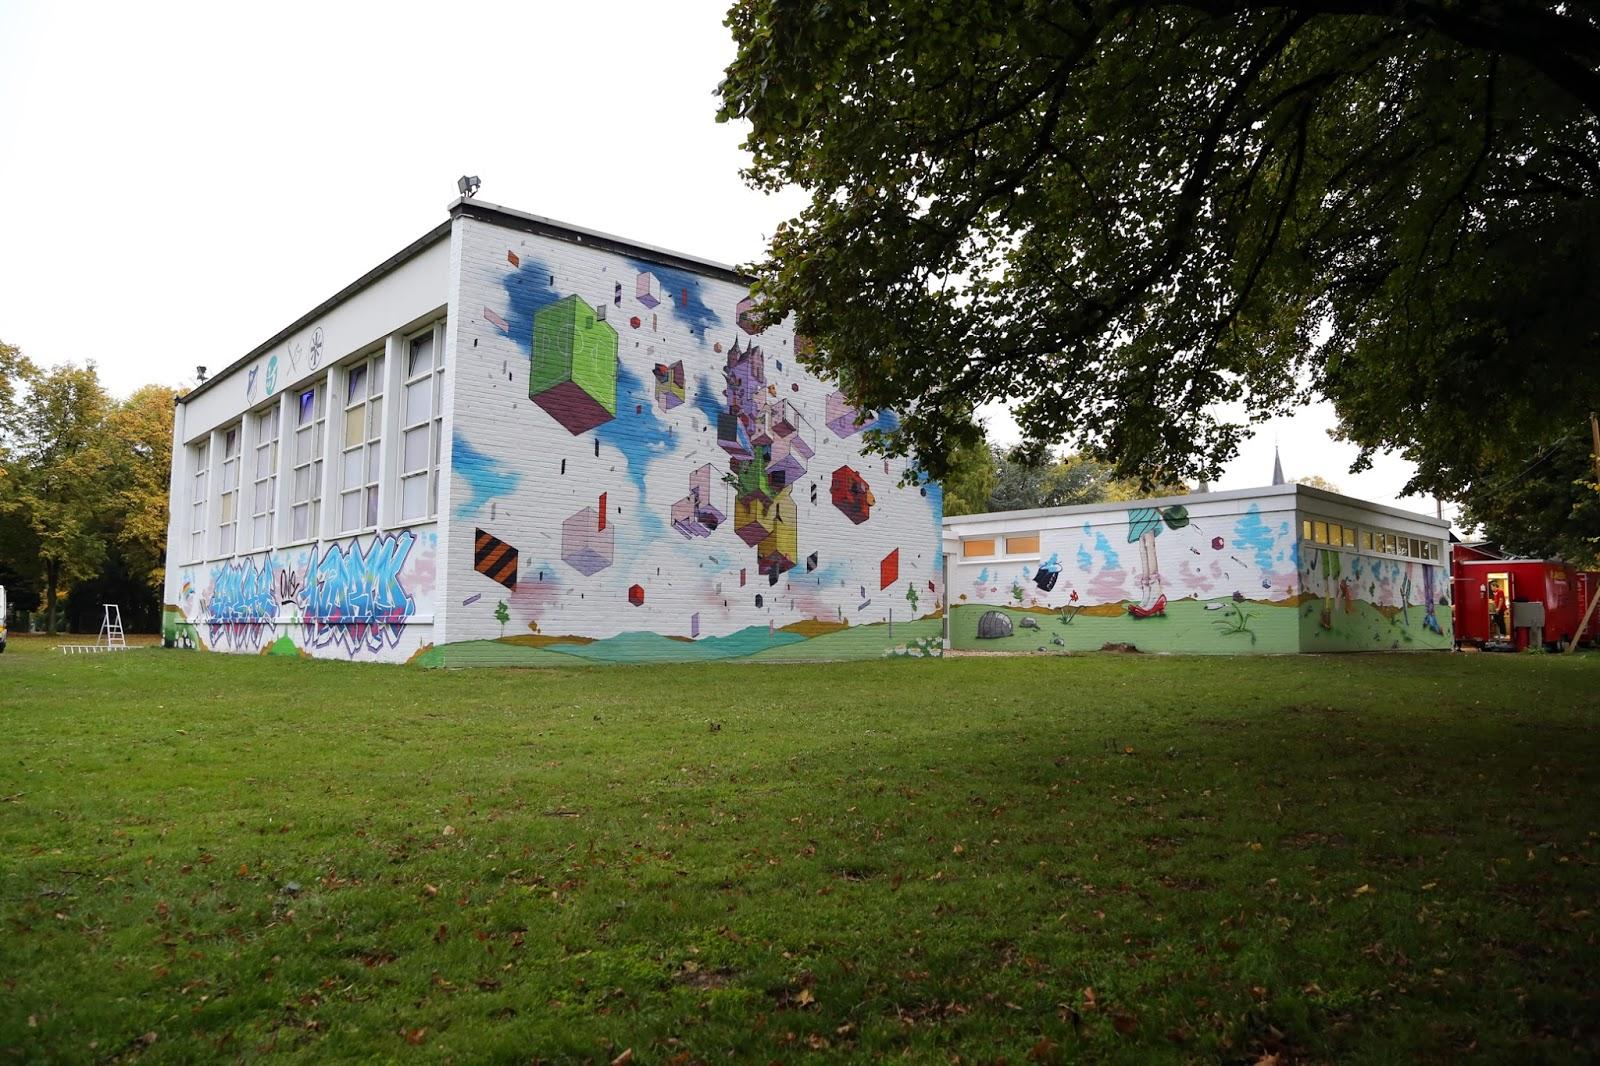 etnik-new-mural-in-dusseldorf-germany-03